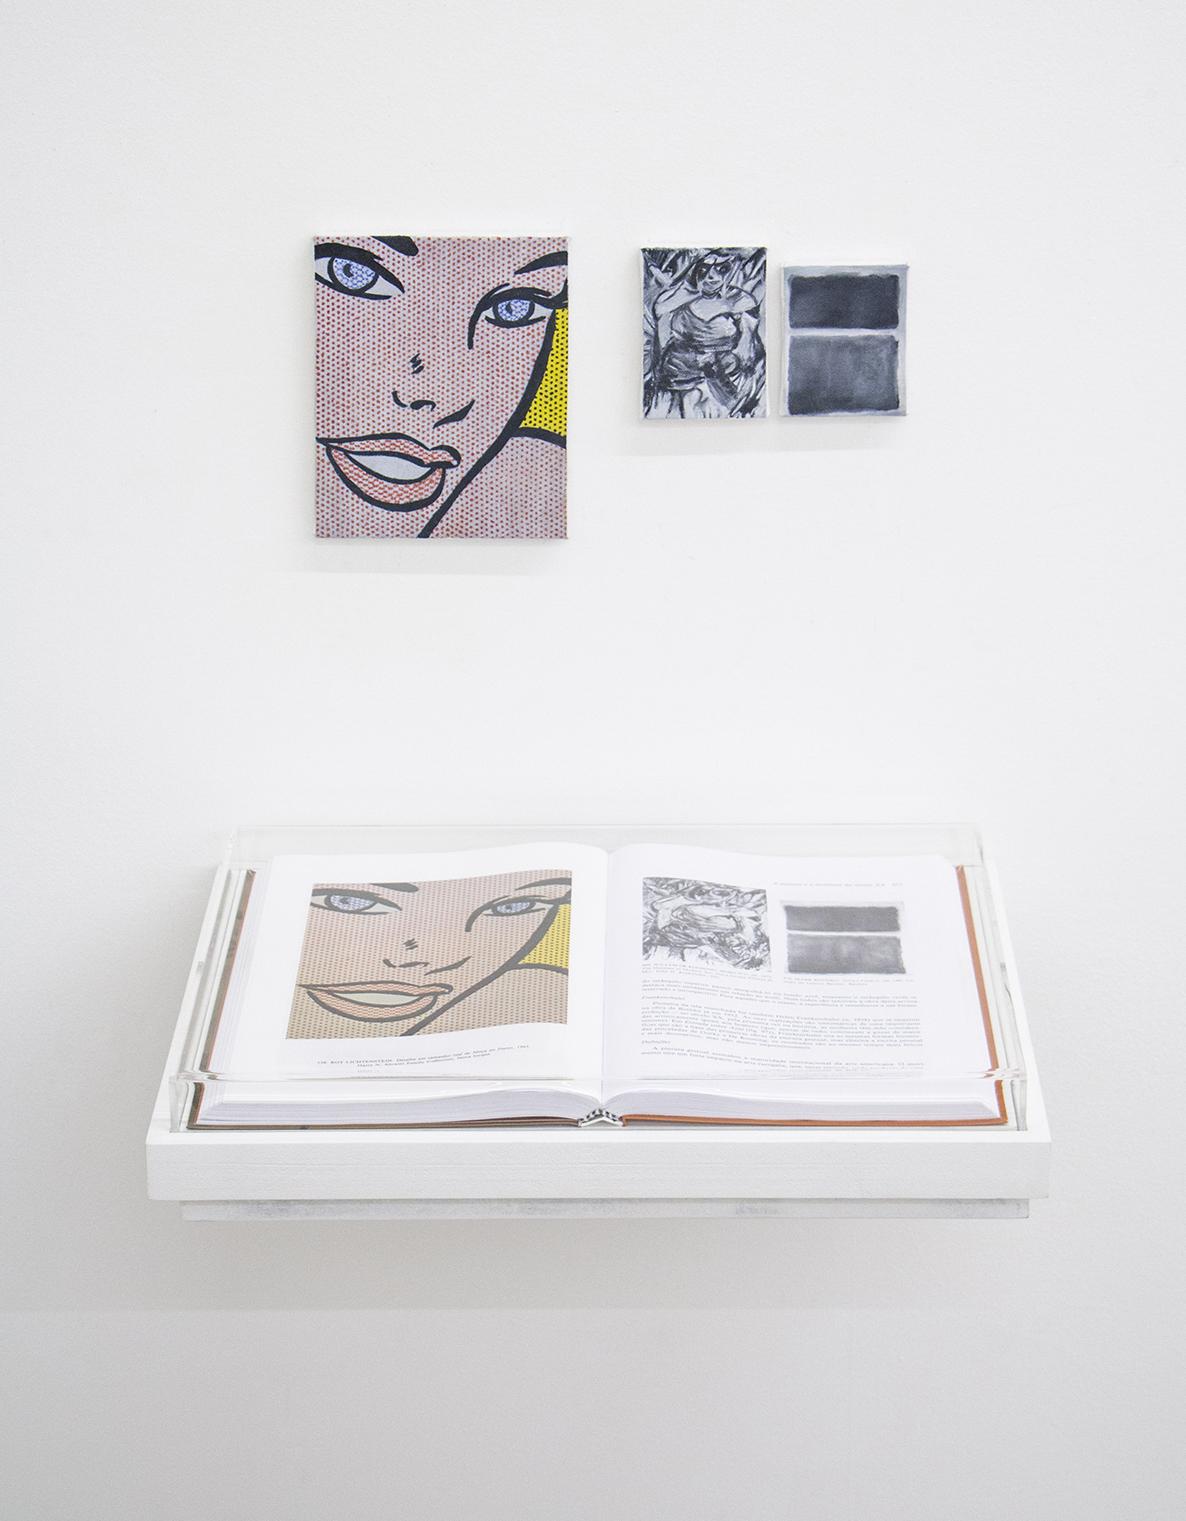 Páginas 976 e sem número (série Foi Assim Que Me Ensinaram) •2014 •Livro emoldurado, óleo sobre tela •30 x 42 cm (livro), 8,5 x 6,2 cm, 3,5 x 2.9 cm, 8,5 x 12 cm